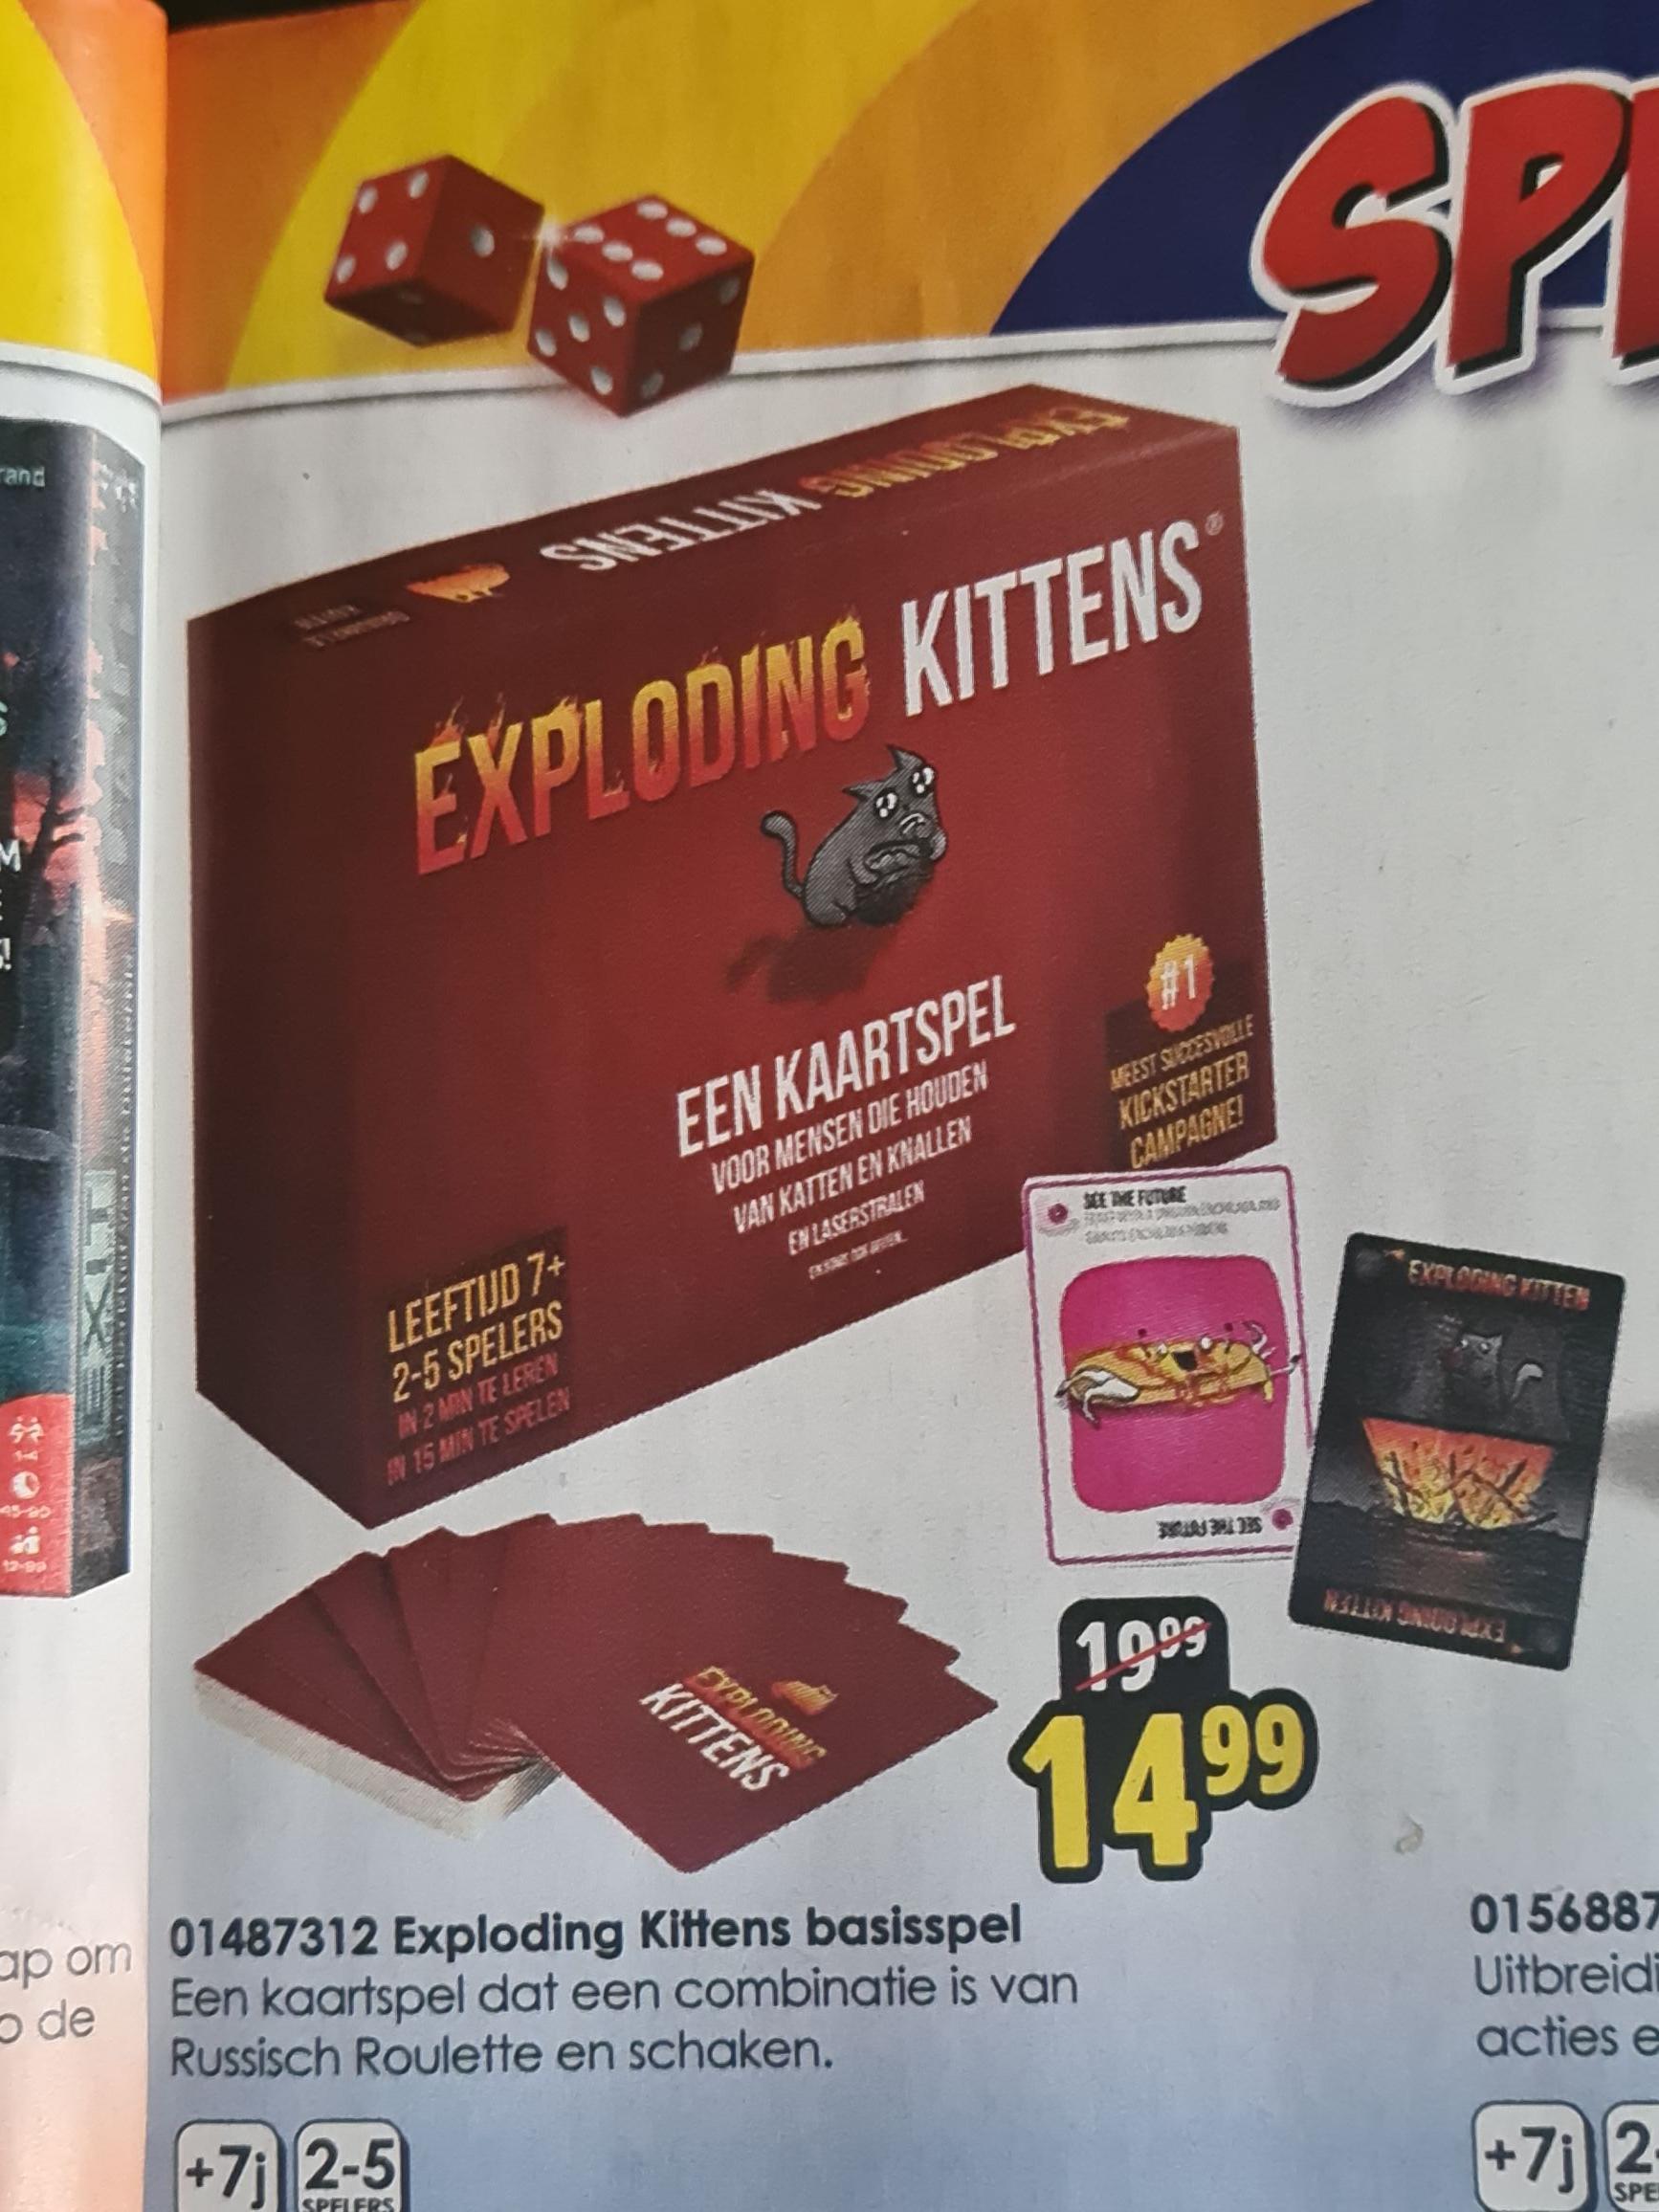 Exploding Kittens basisspel